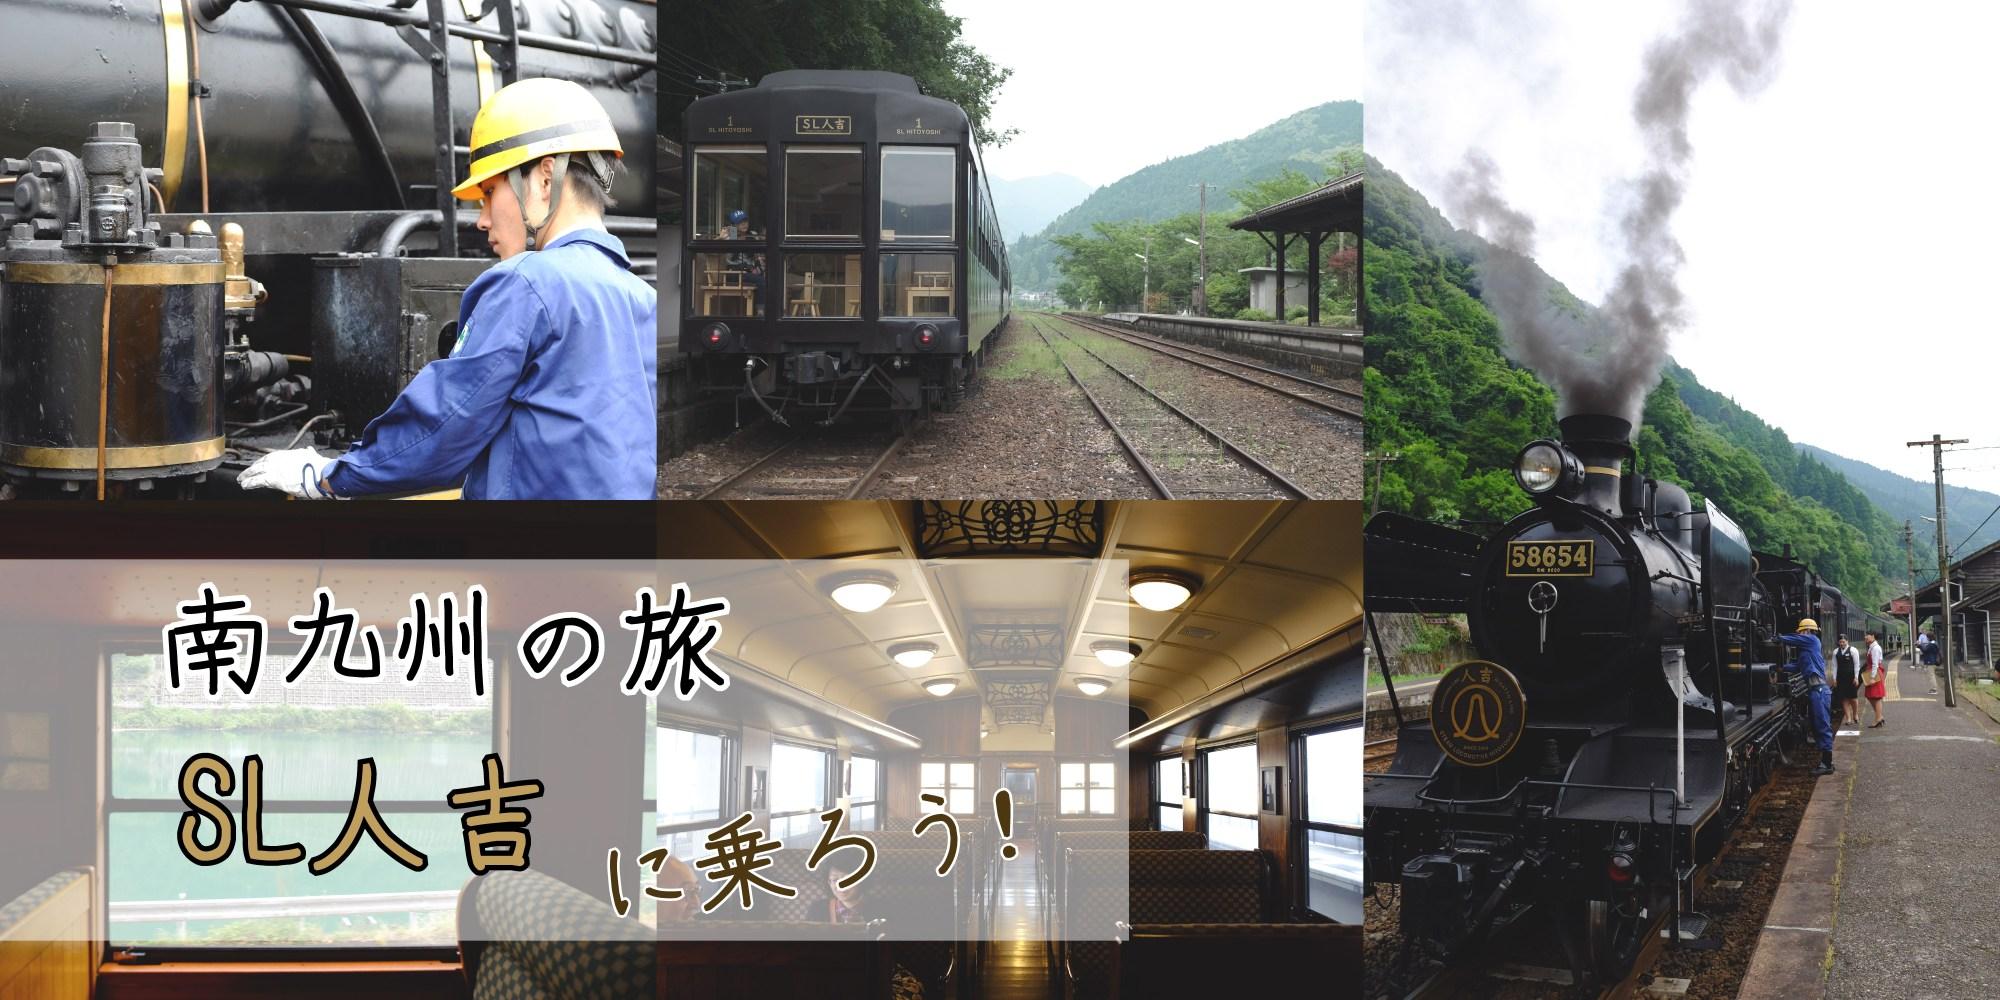 【JR九州電車】南九州一圈!3: 乘蒸汽火車頭SL人吉欣賞球磨川景色 – maptabi